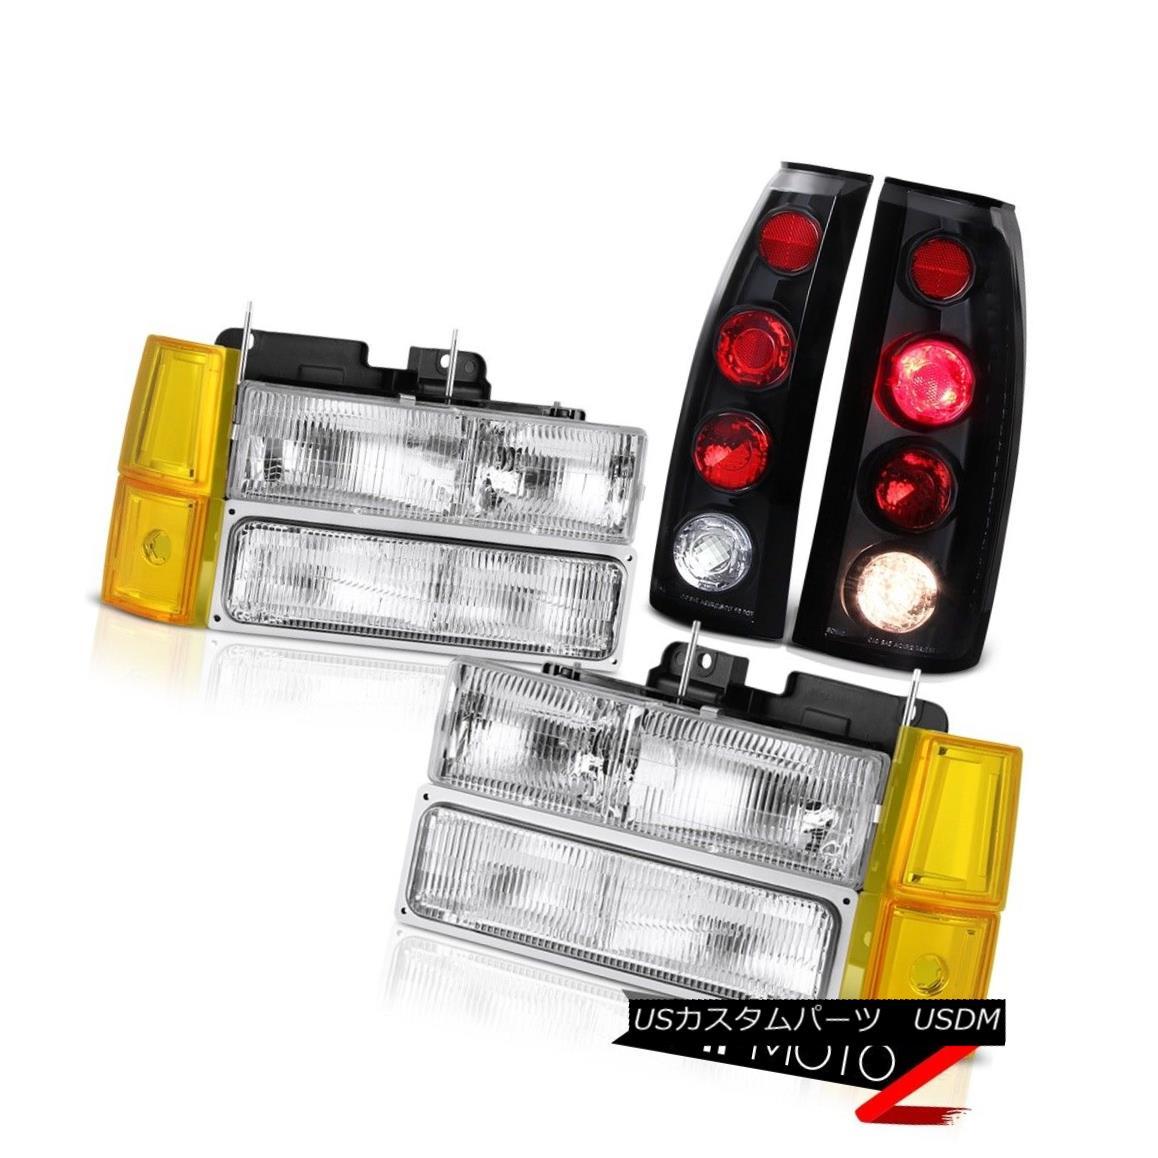 テールライト 94 95 96 97 98 Sierra SL Euro Chrome Headlights Bumper Taillights Factory Style 94 95 96 97 98 Sierra SL Euroクロームヘッドライトバンパーテールライト工場のスタイル